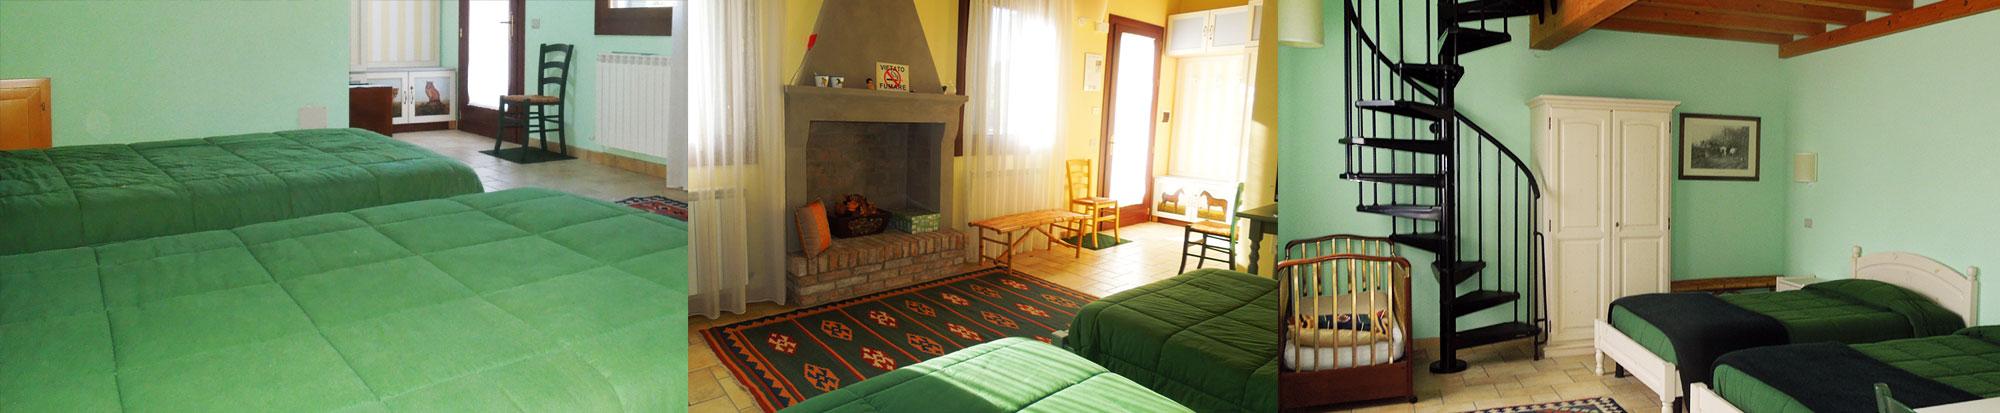 Camere bed and breakfast la presa delta del po agriturismo la presa - Camere da letto veneto ...